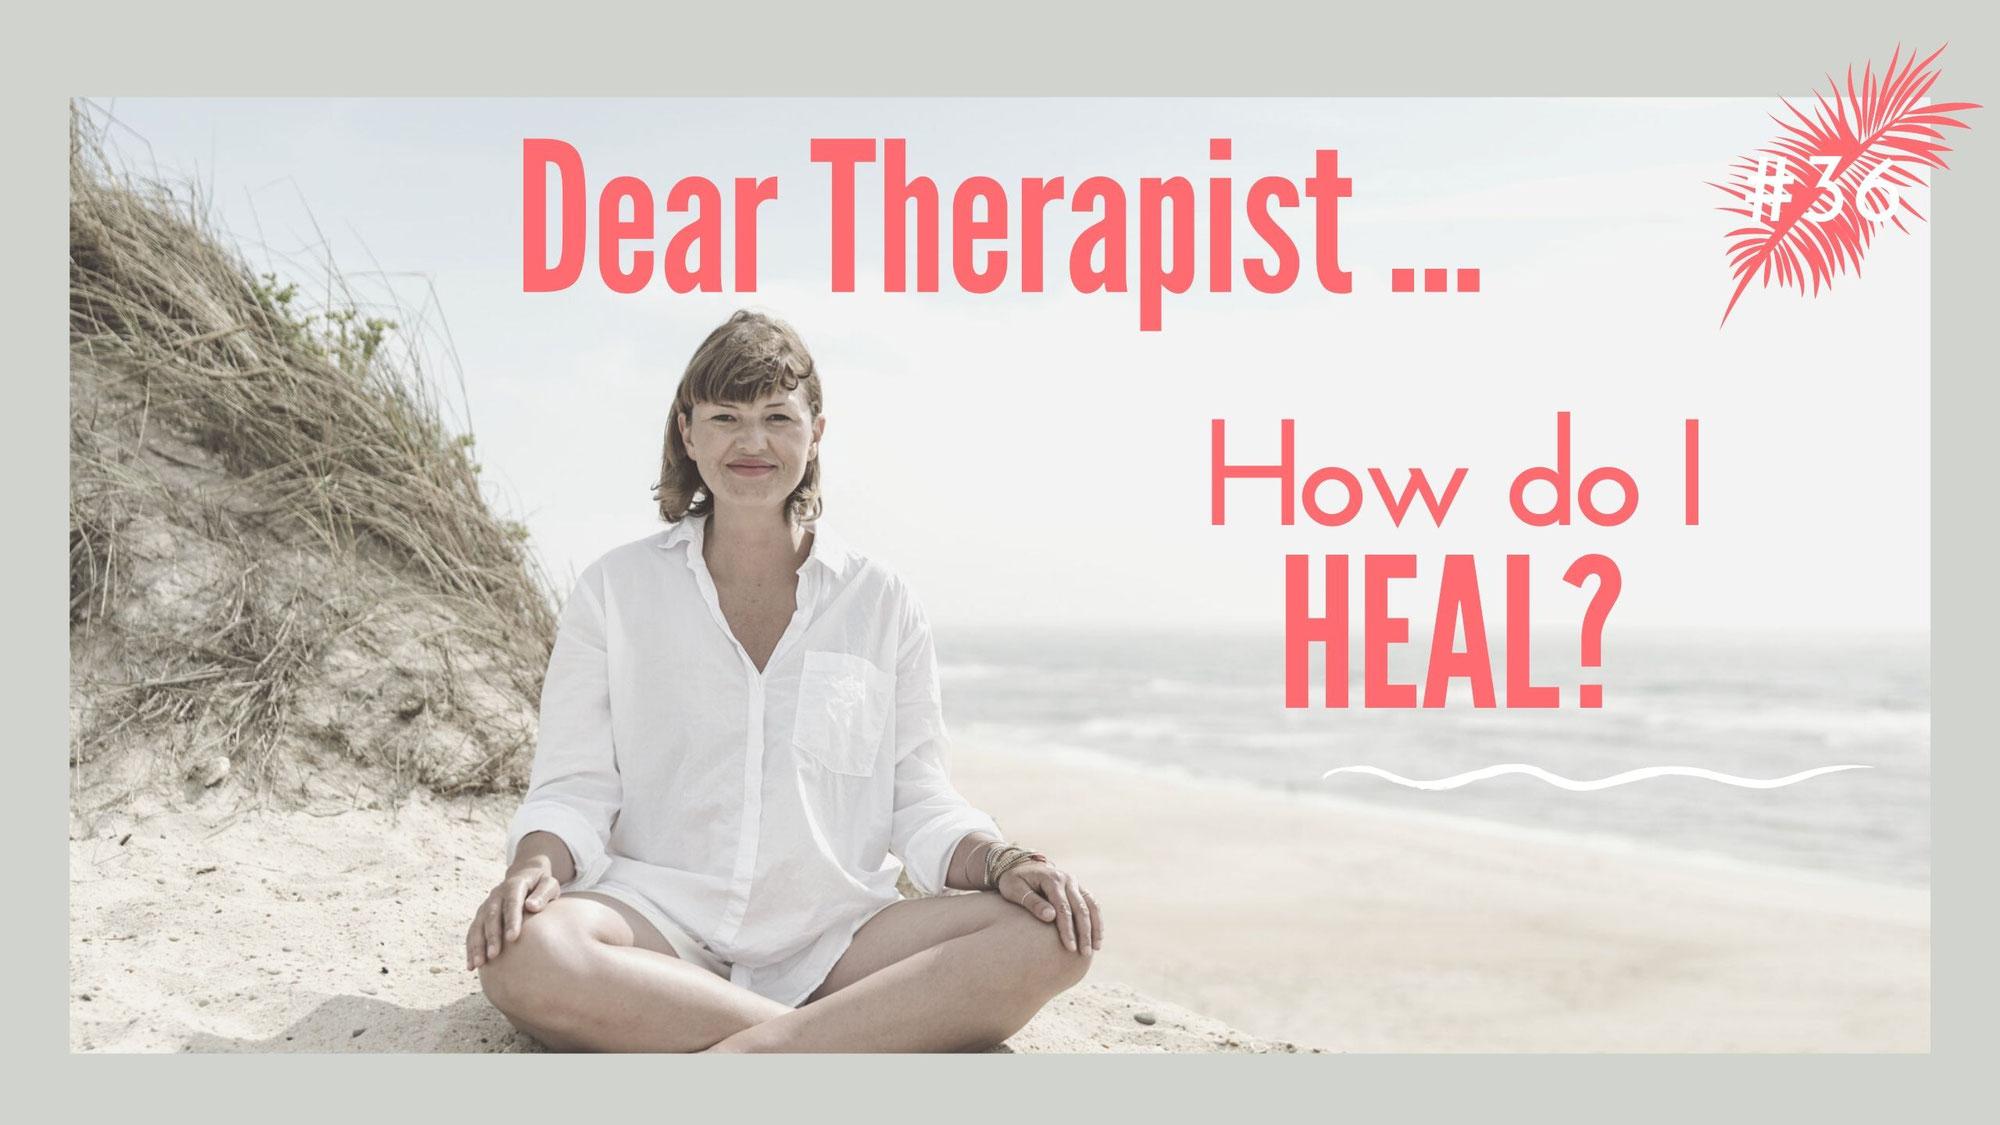 How do I heal?